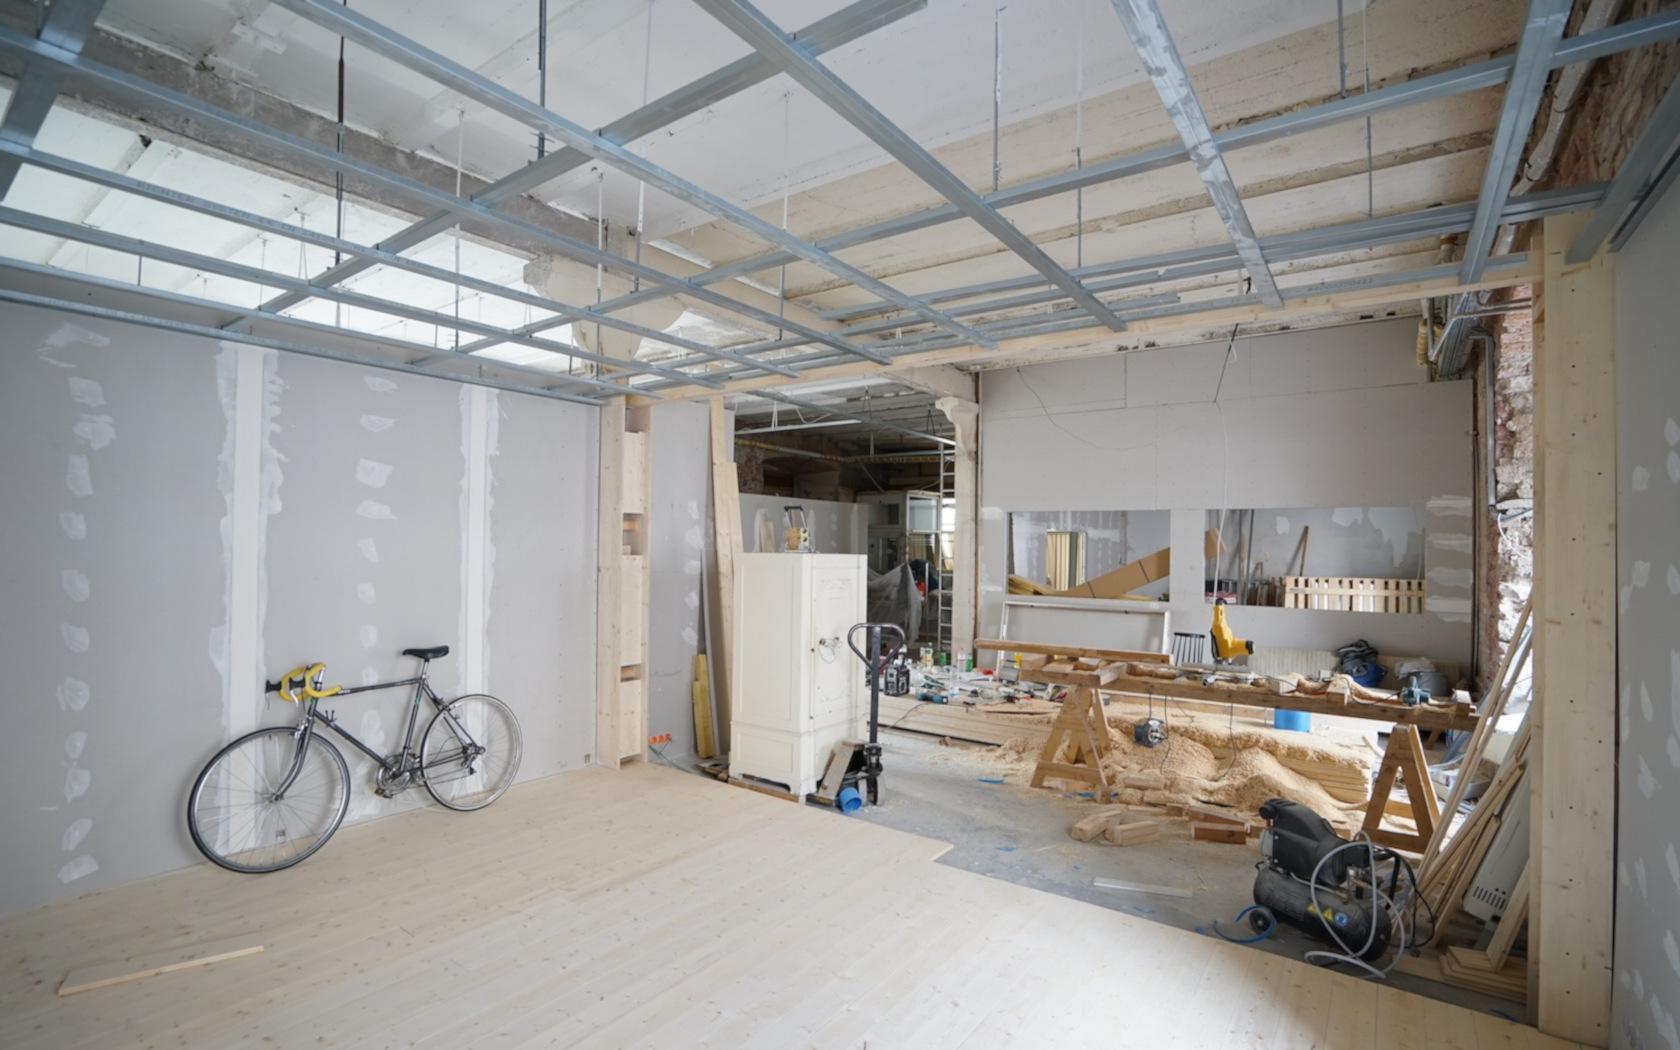 Formwerke, Höchst FFM, Atelier, workspace, Mobile Regalewände, Studio, Interior, keinStil. Boris Banozic,Umbau, Eigenleistung, kleines budget